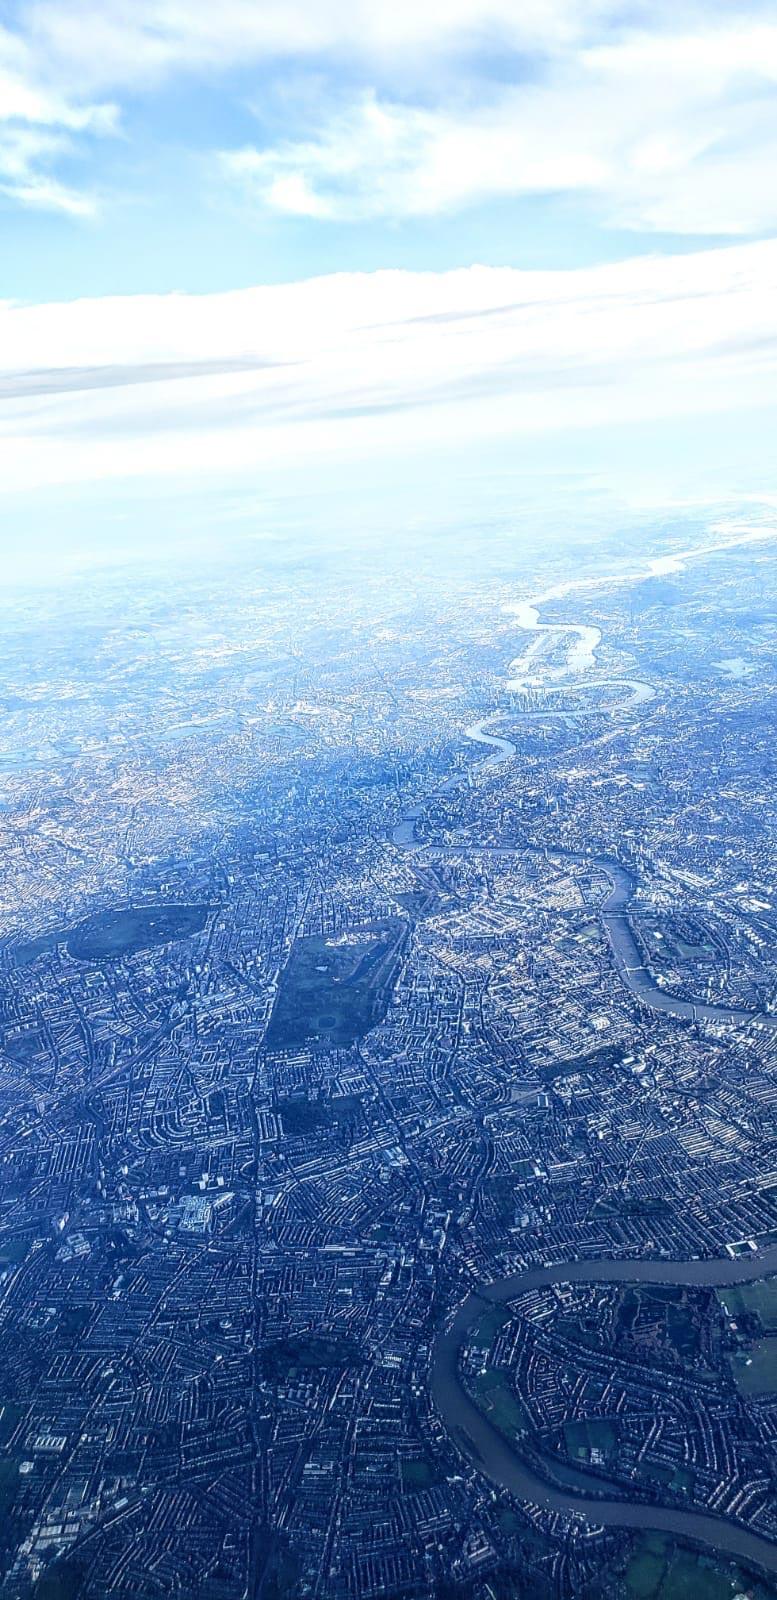 Colin-Galea-London-3